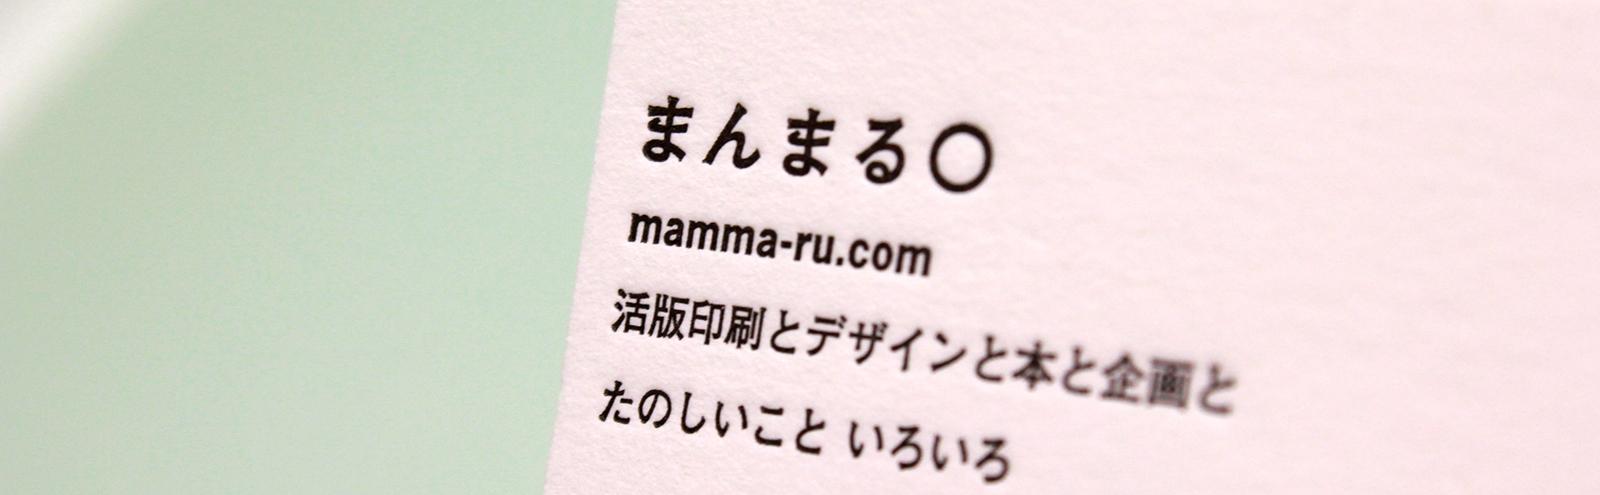 mammaru